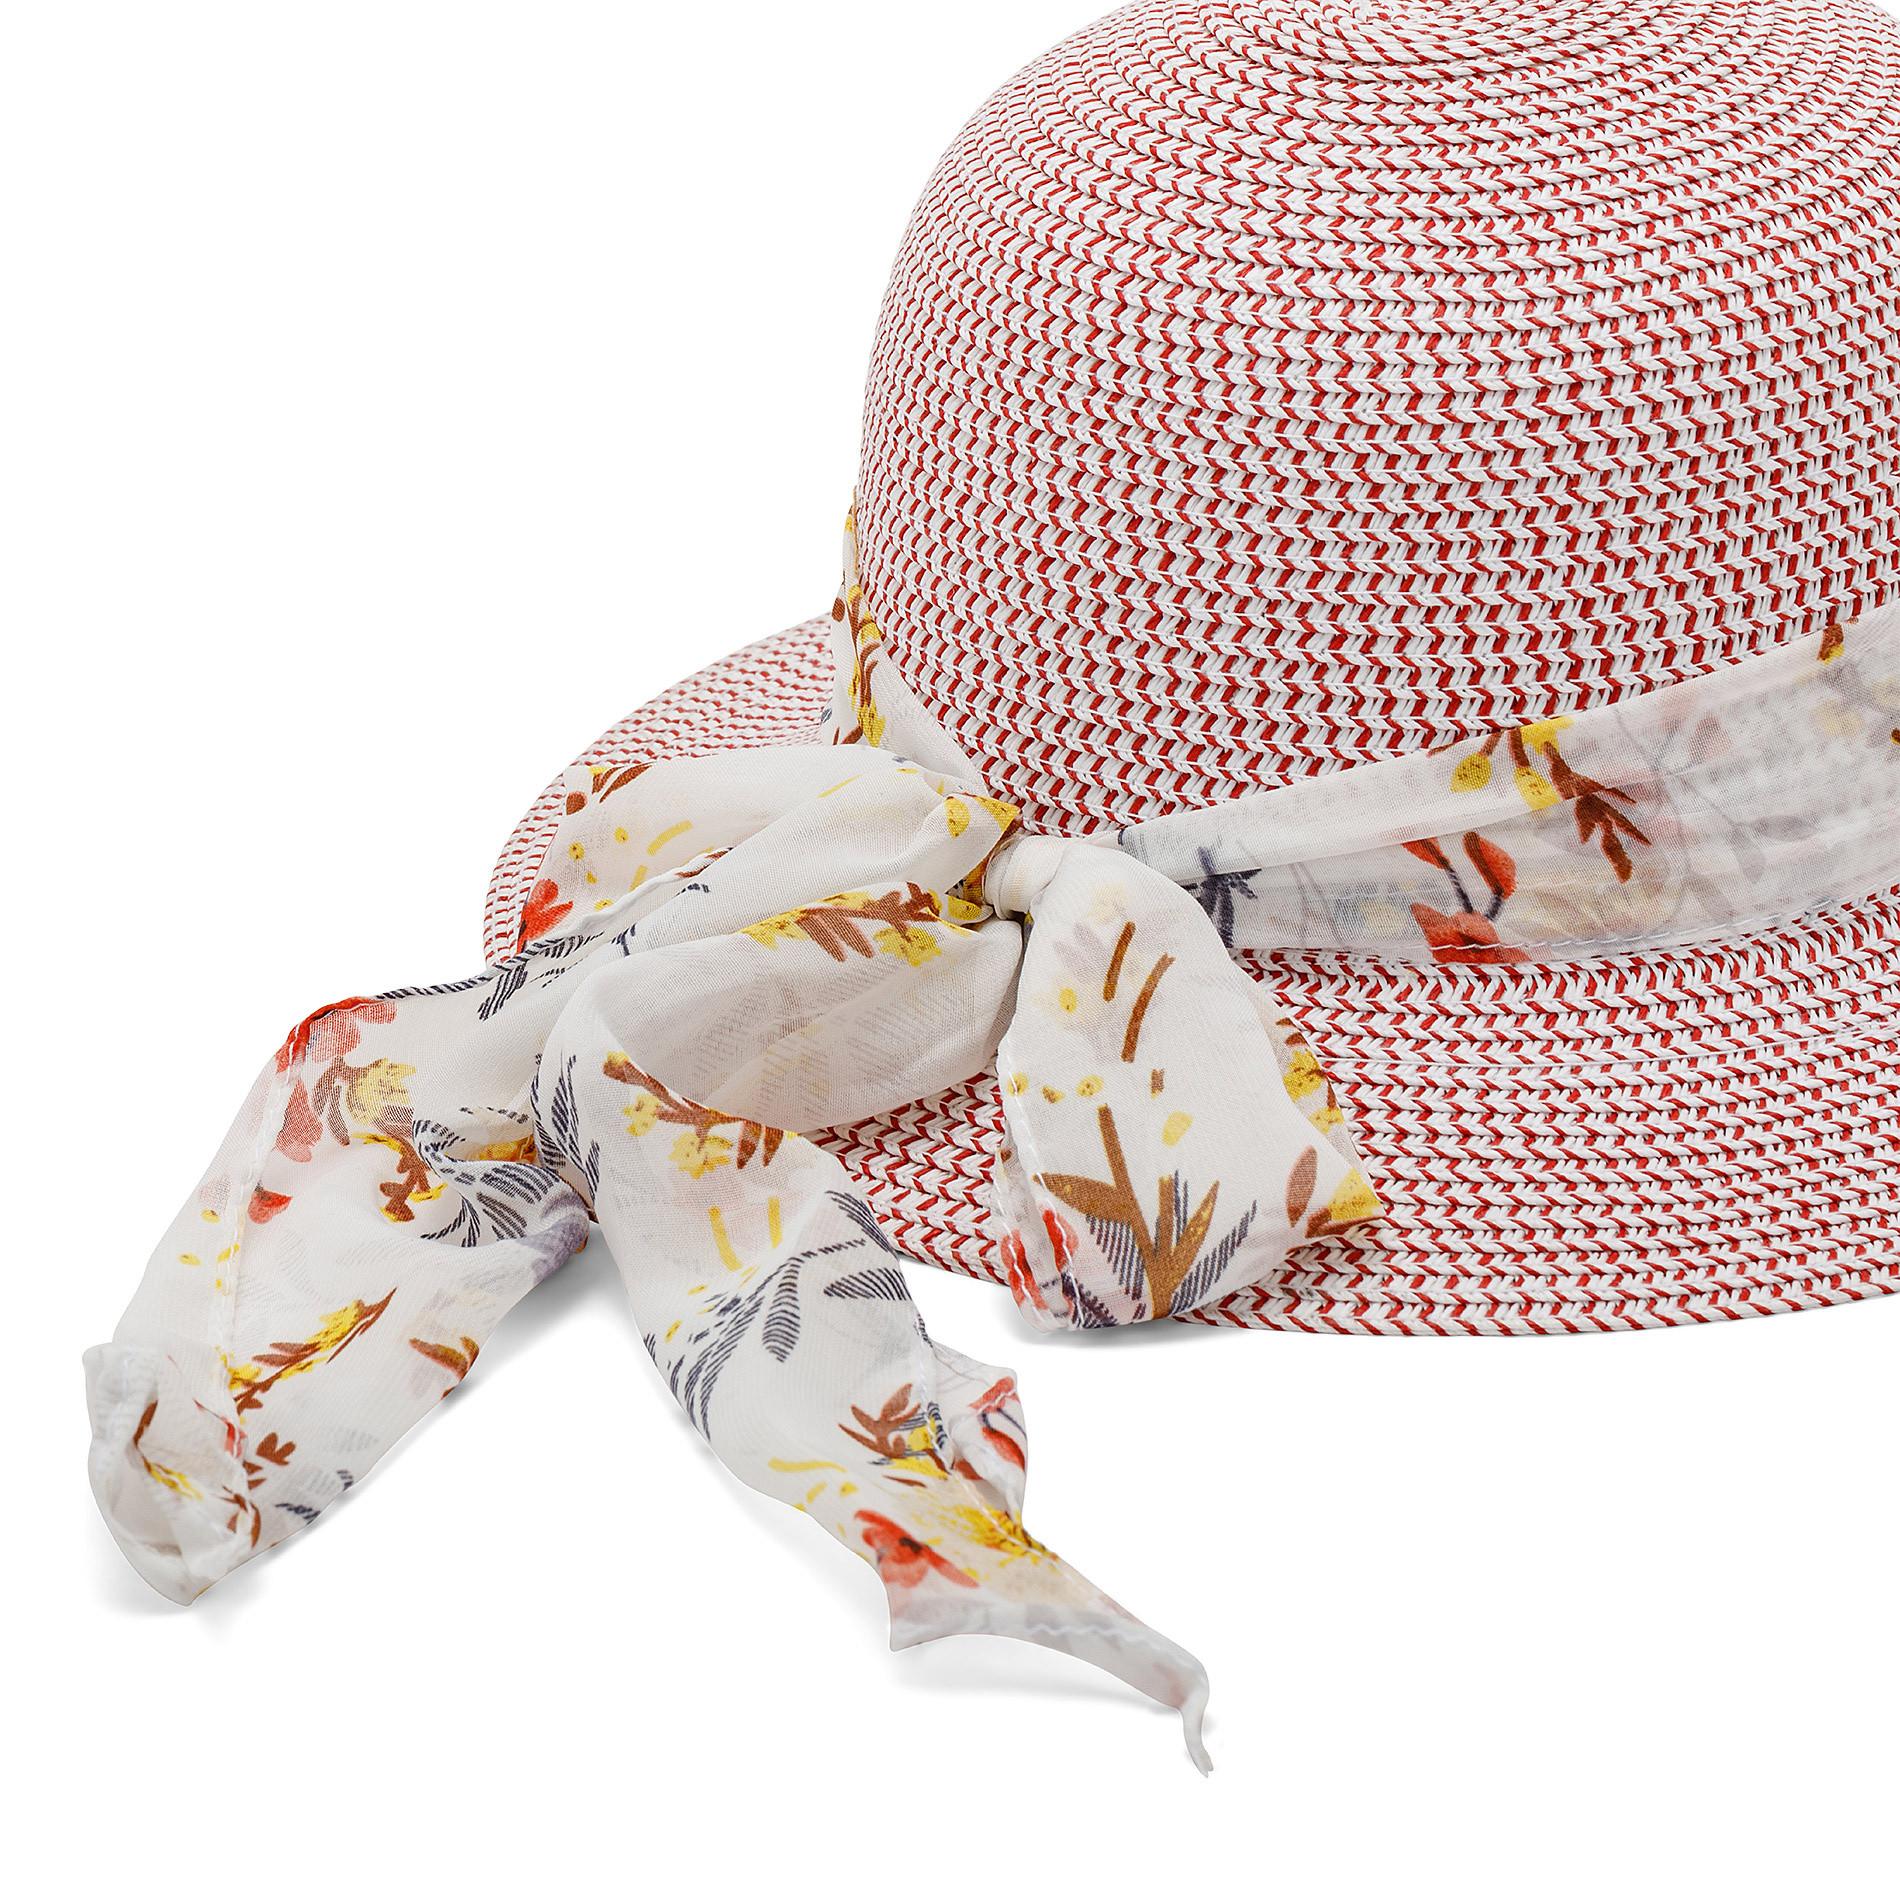 Cappello di paglia multicolor Koan, Bianco, large image number 1